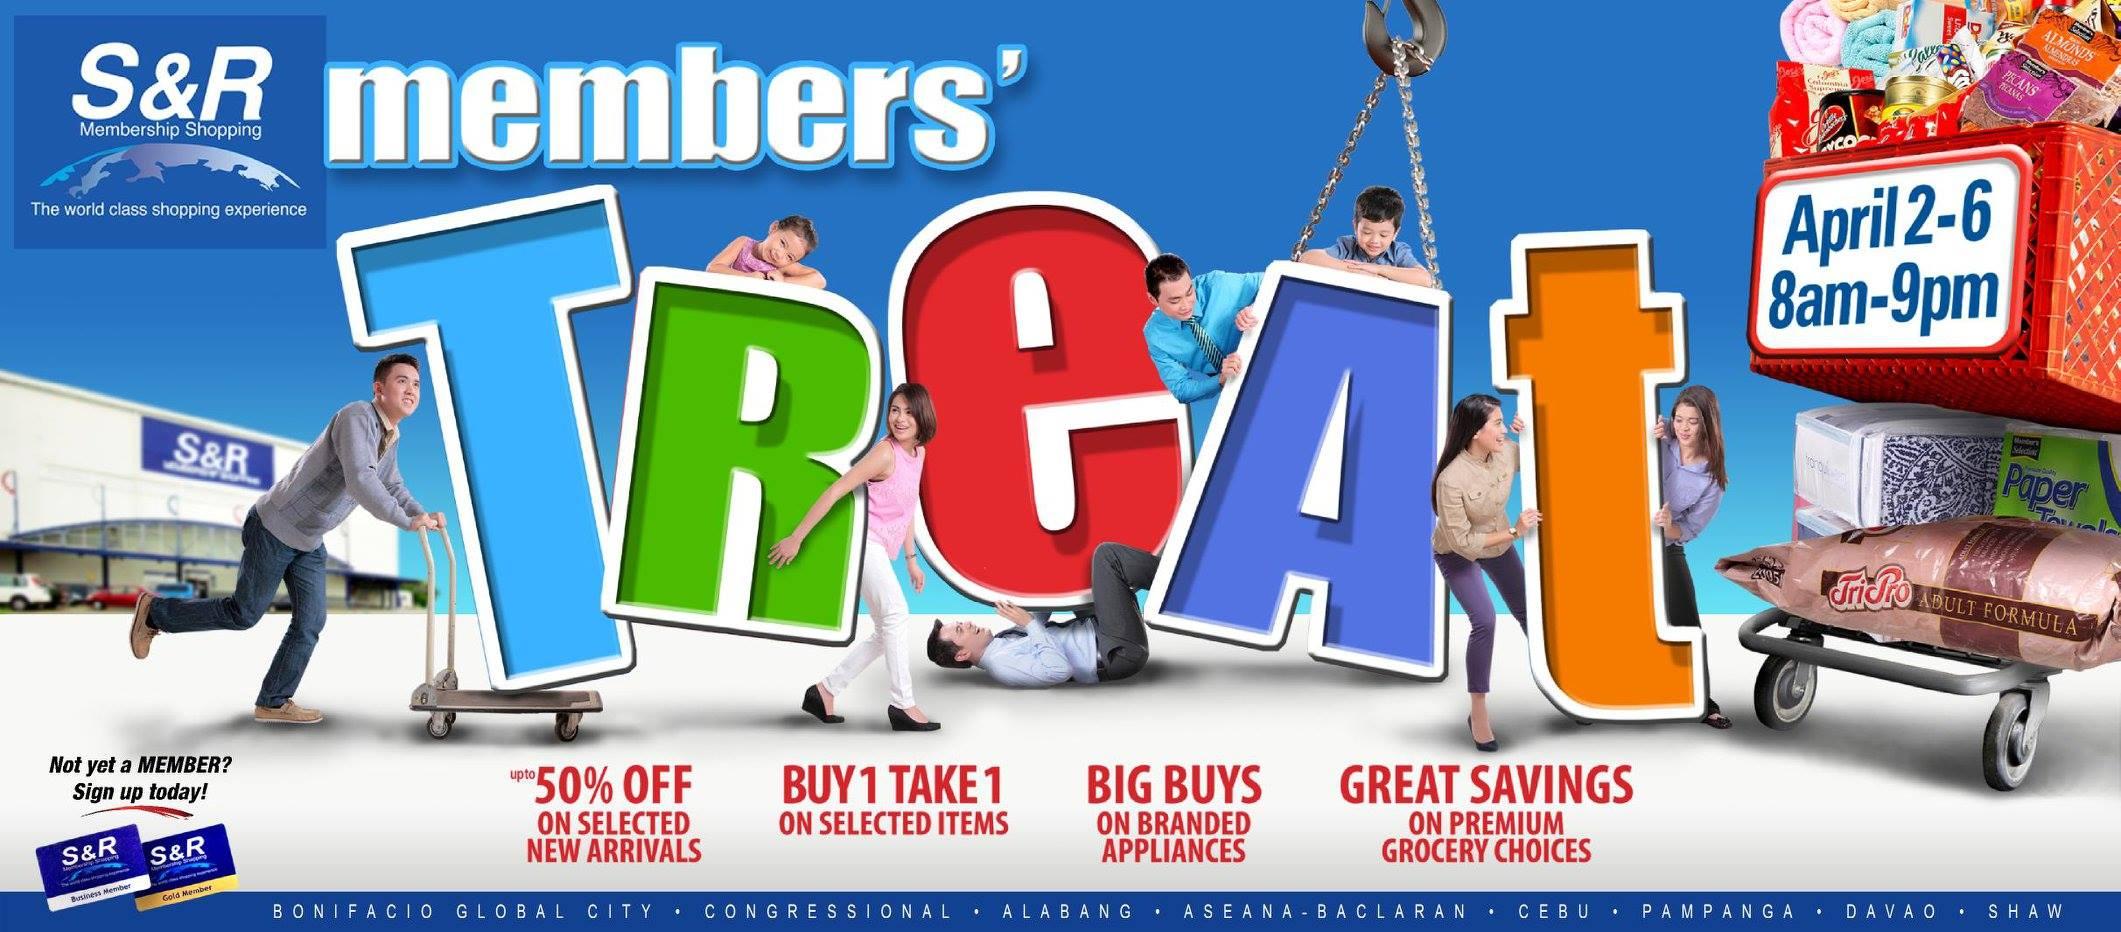 S&R Members Treat April 2014